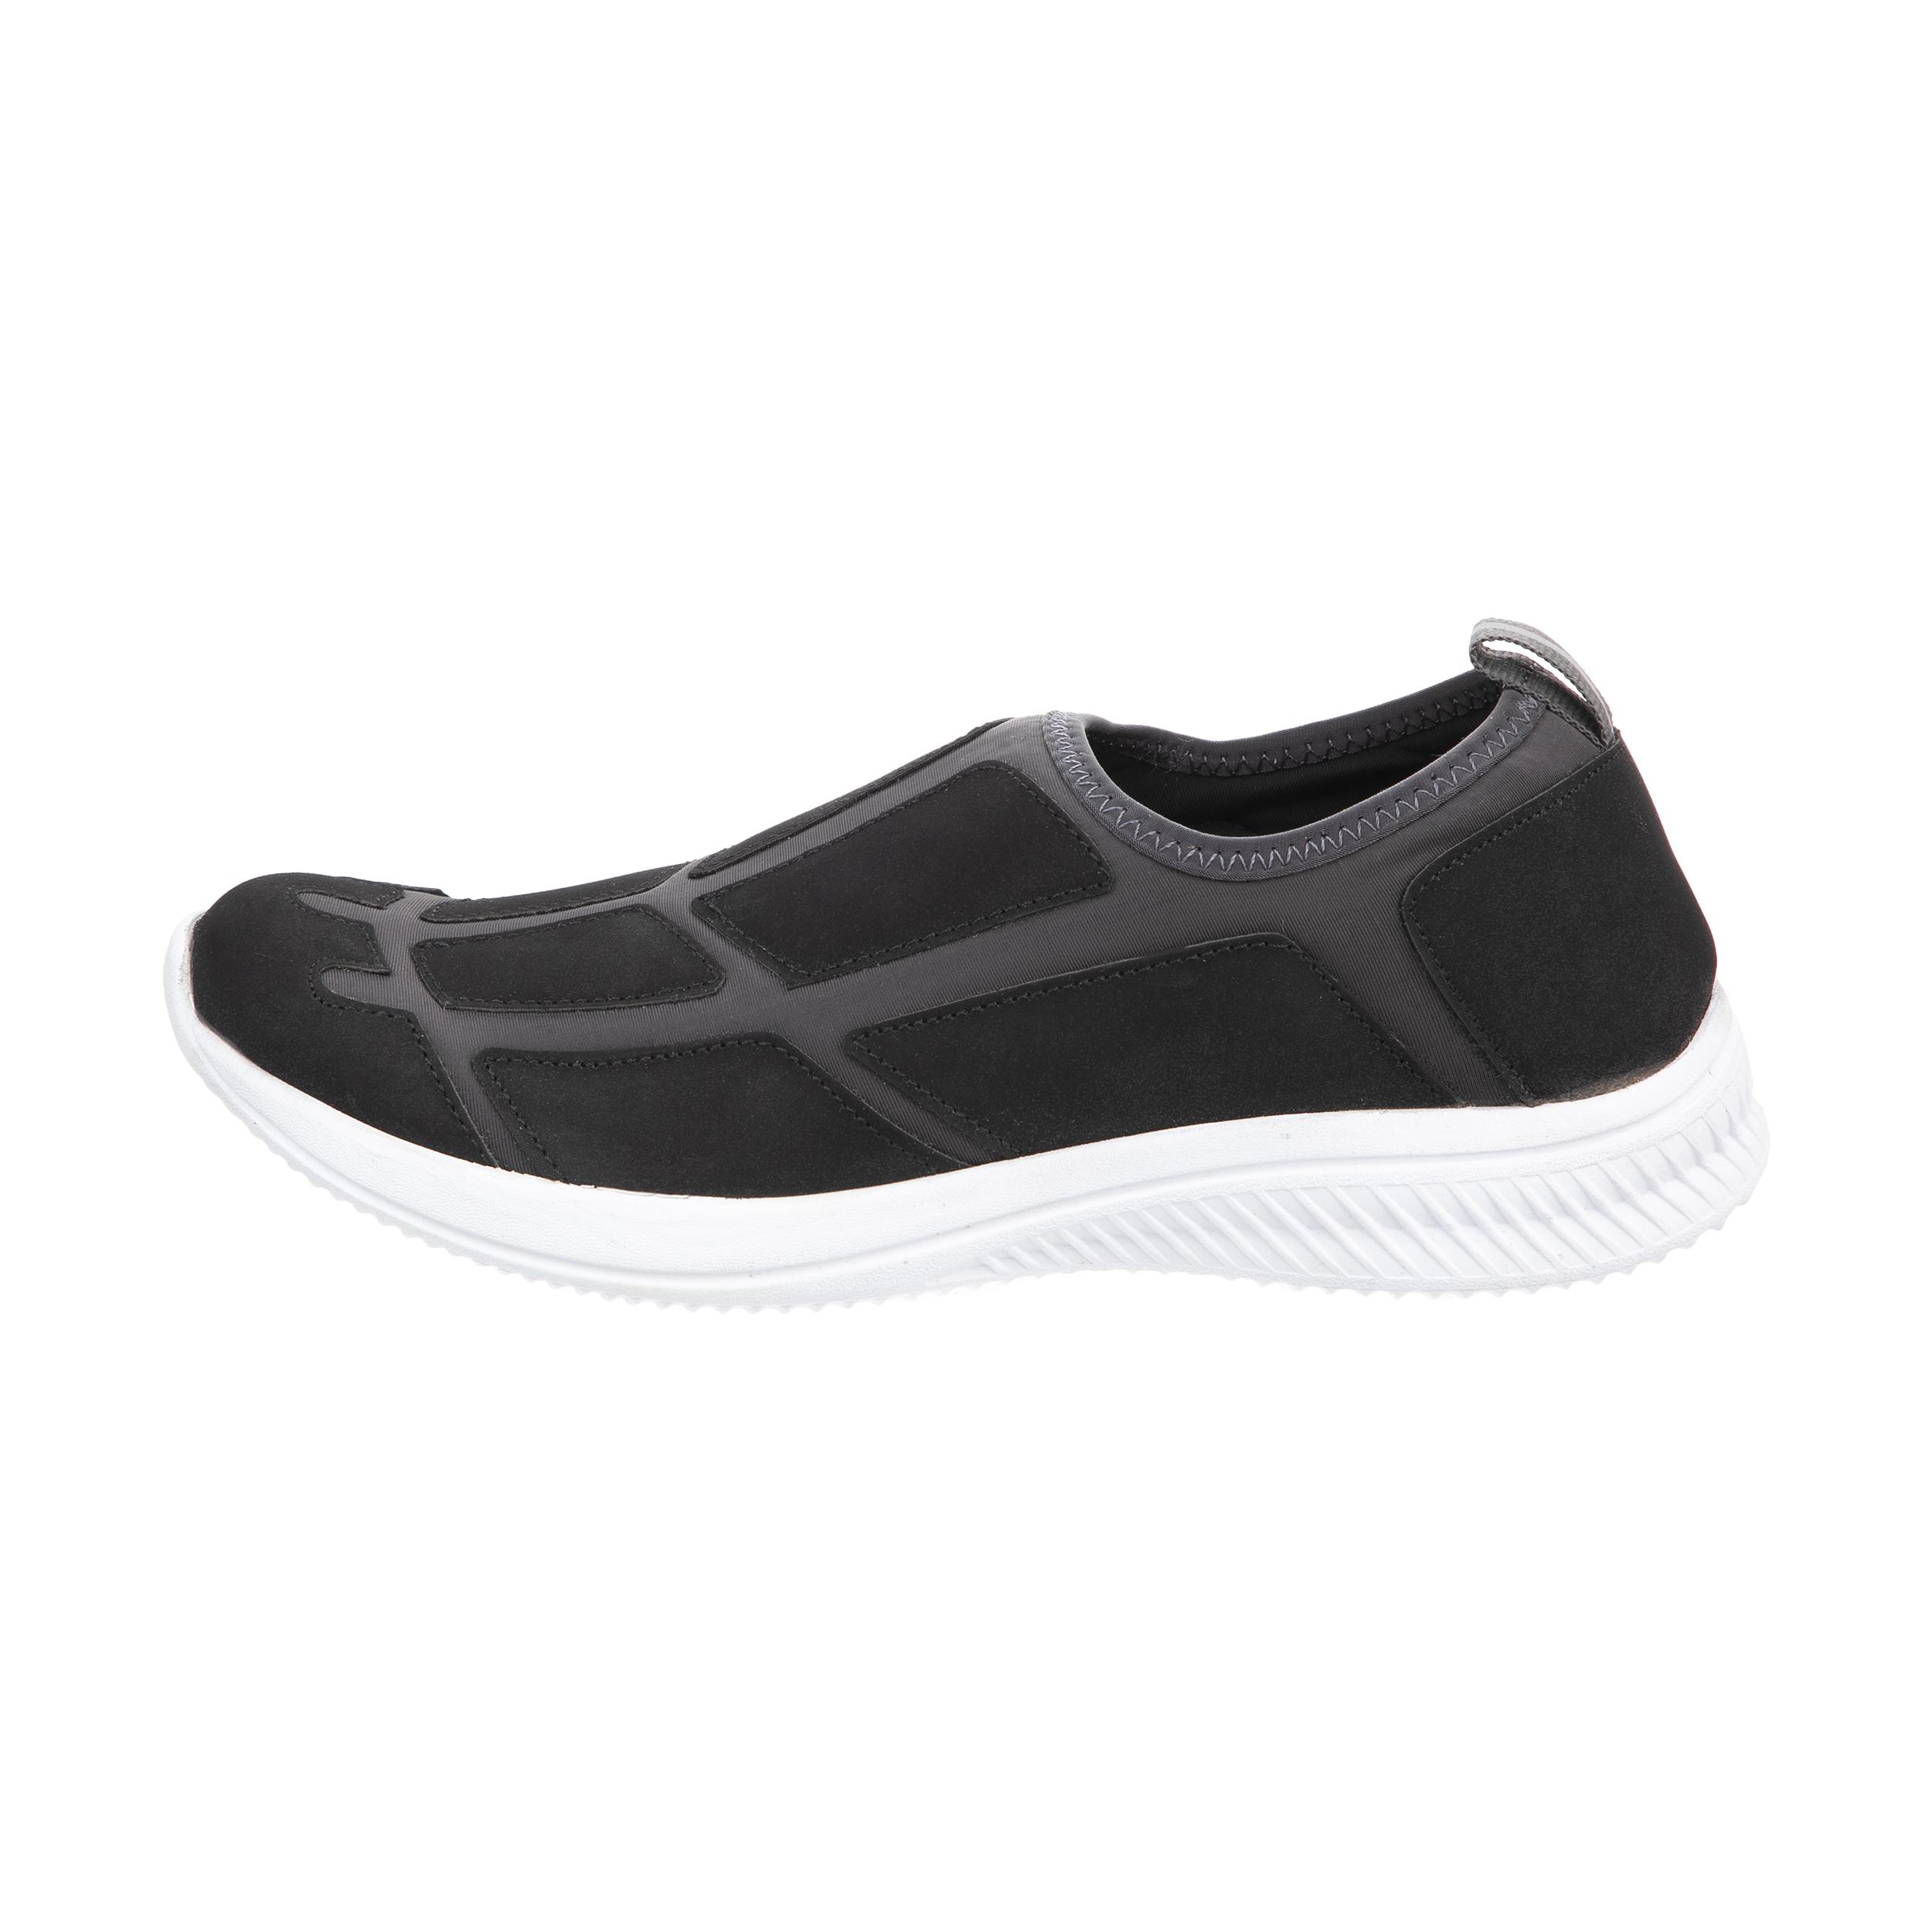 کفش مخصوص پیاده روی زنانه مل اند موژ کد M222-400-2